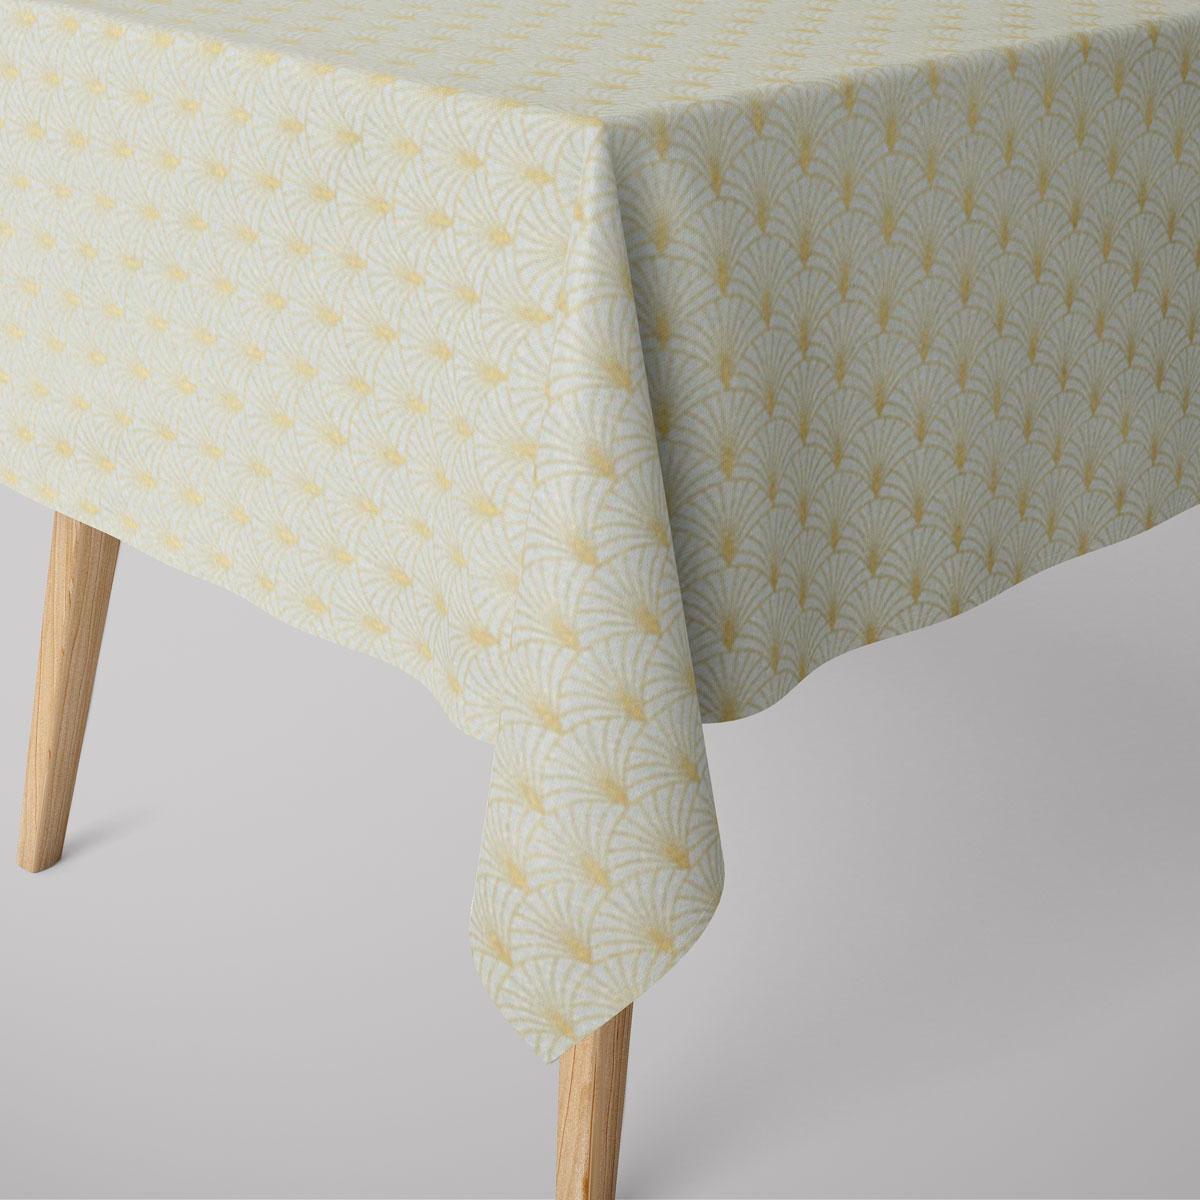 SCHÖNER LEBEN. Tischdecke Glamour Schuppen Fächer mint goldfarbig verschiedene Größen